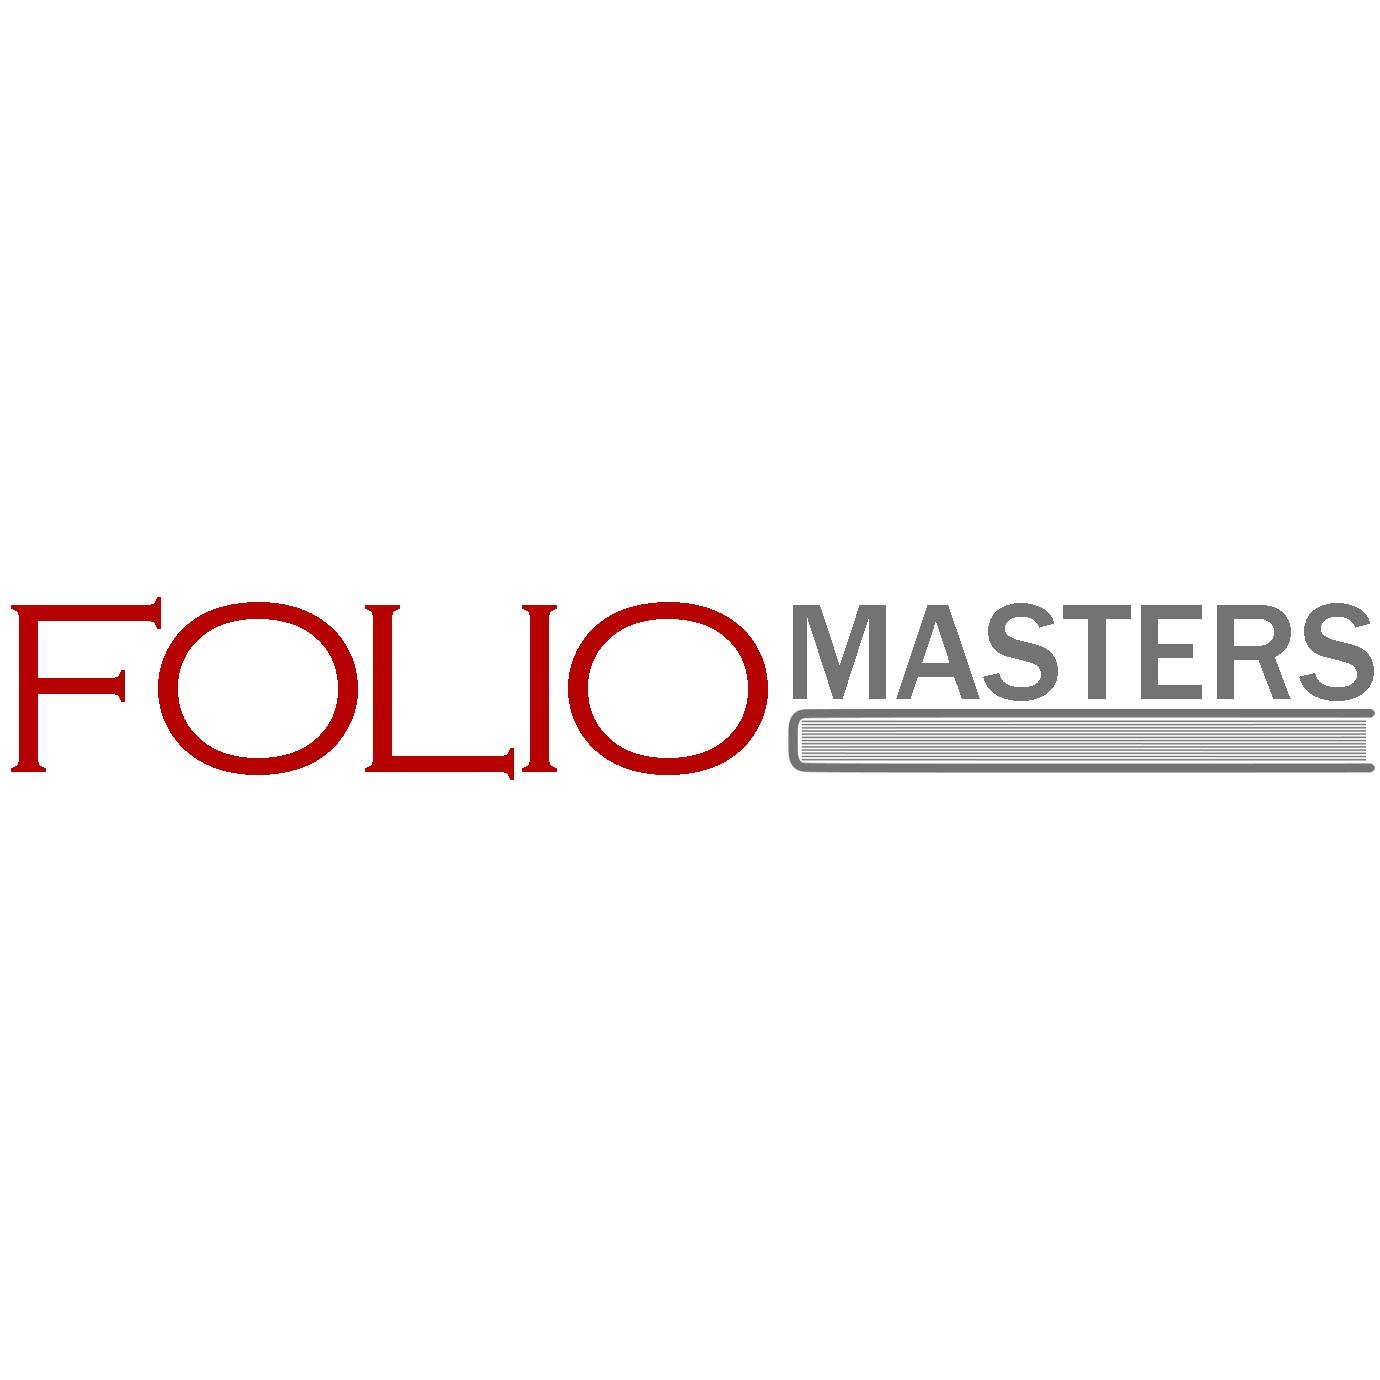 folio masters